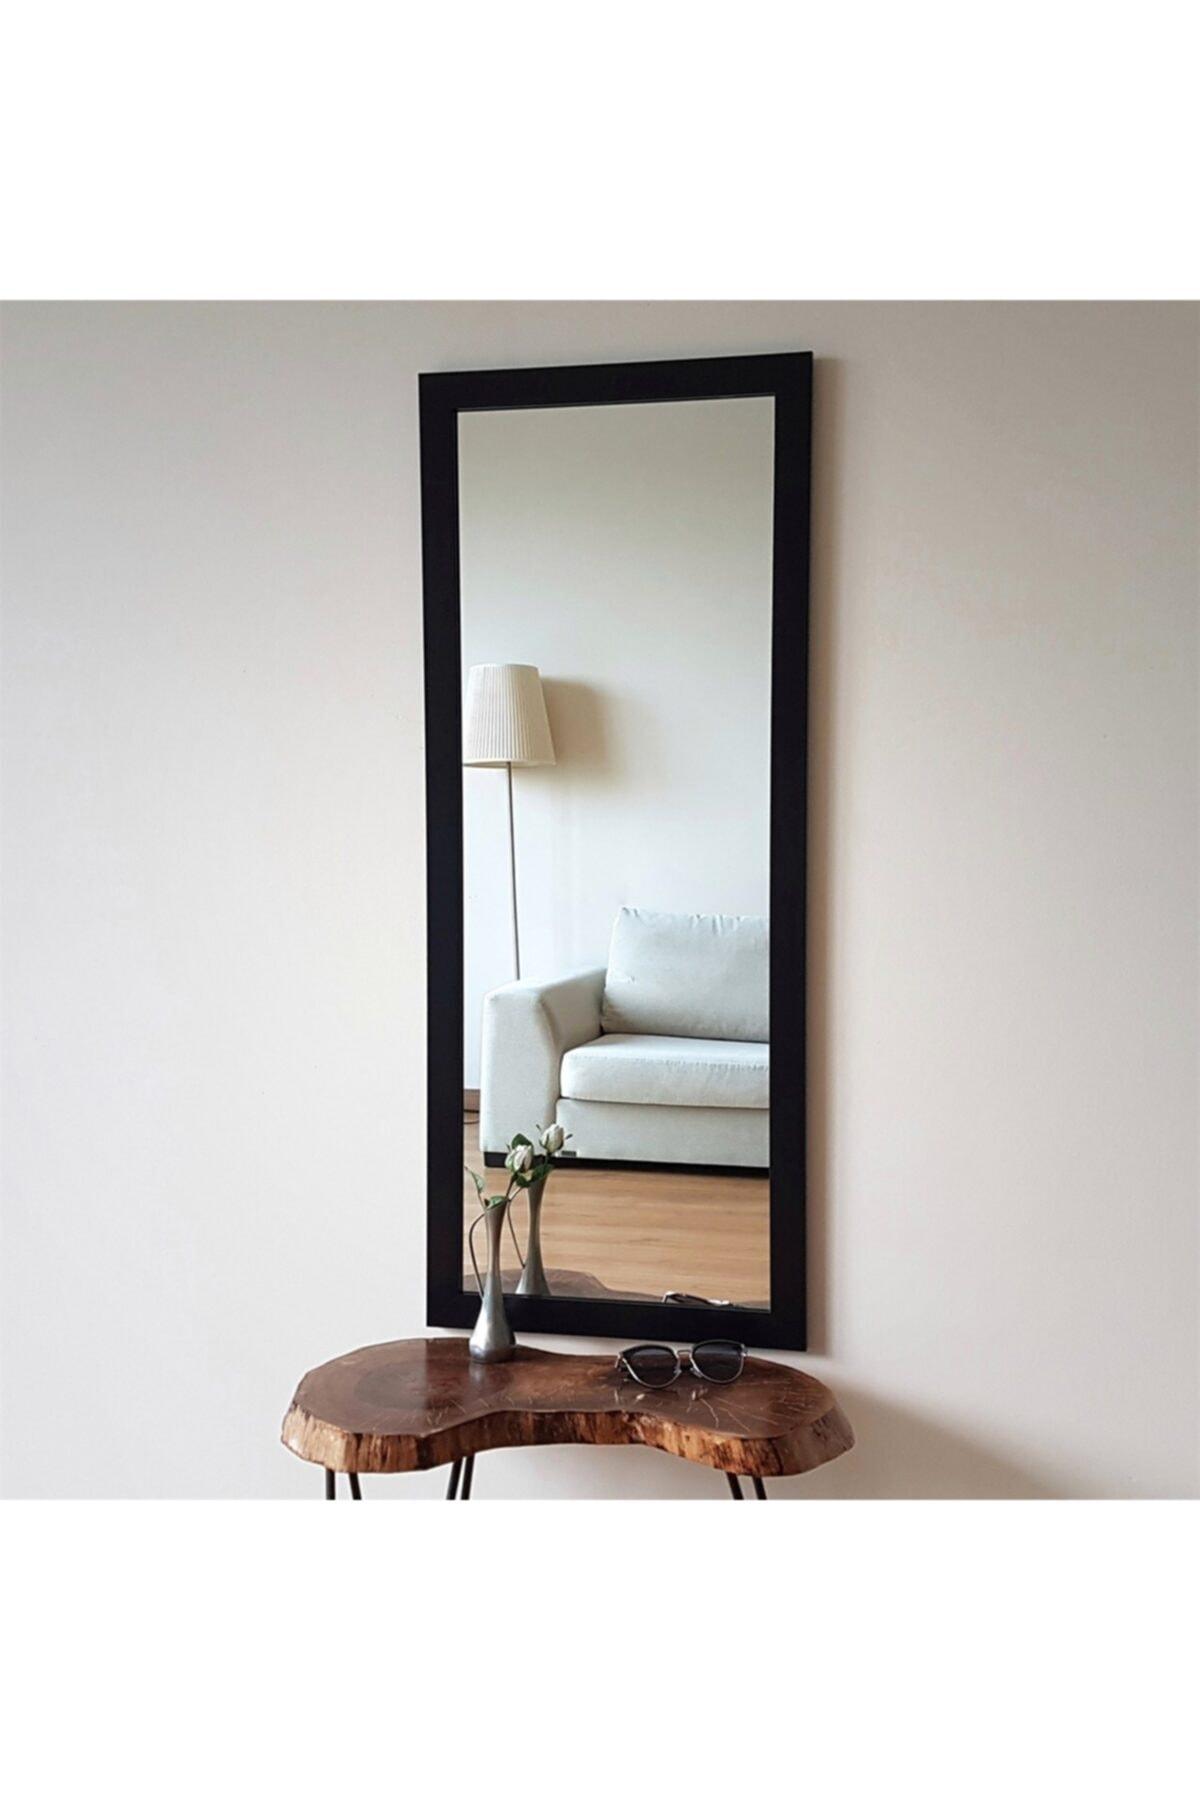 NEOstill - Siyah Dekoratif Ayna 45x110 Cm A205 2